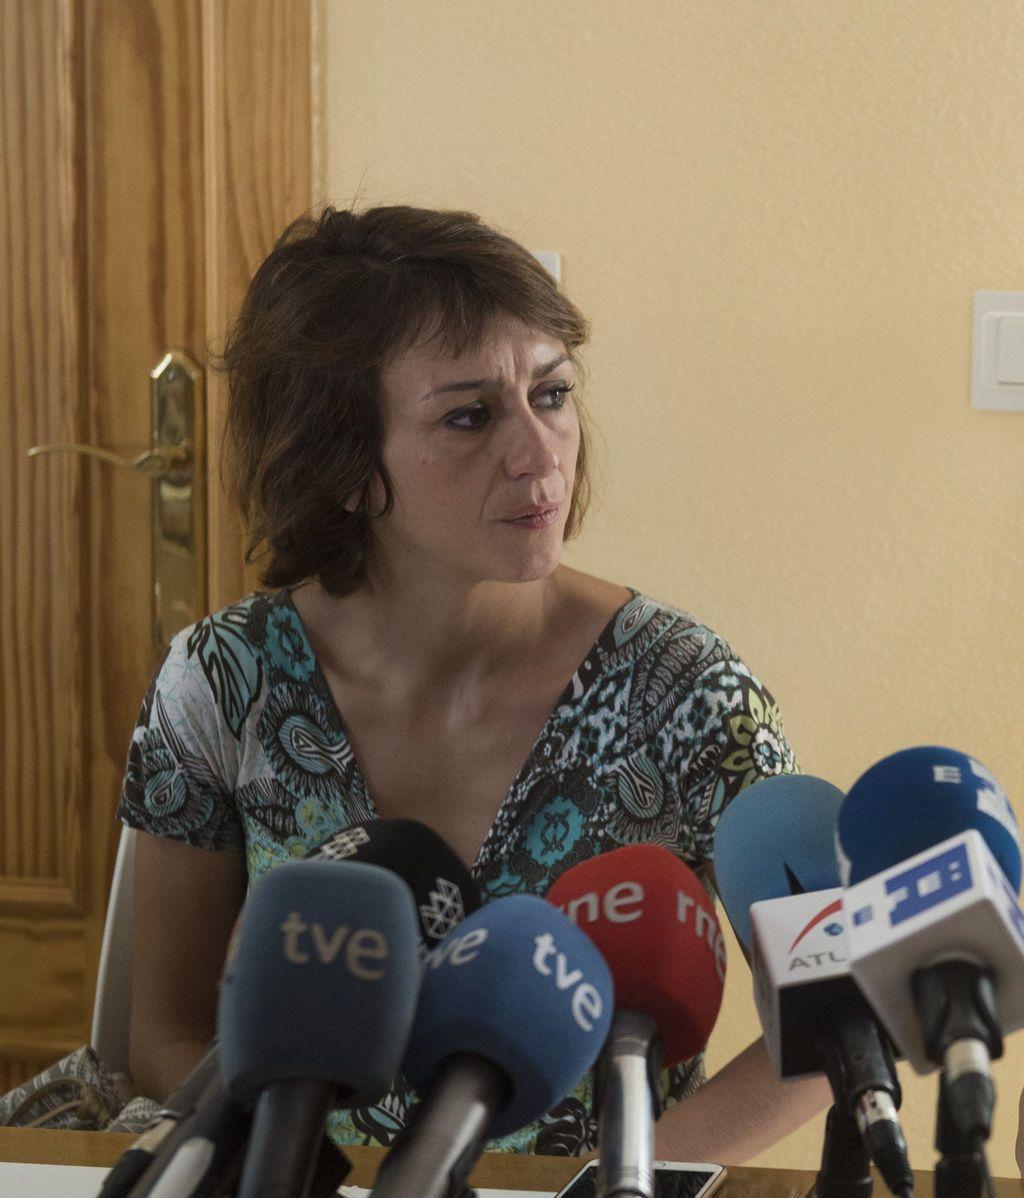 Los abogados de Juana Rivas presentan recurso de amparo en el Tribunal Constitucional